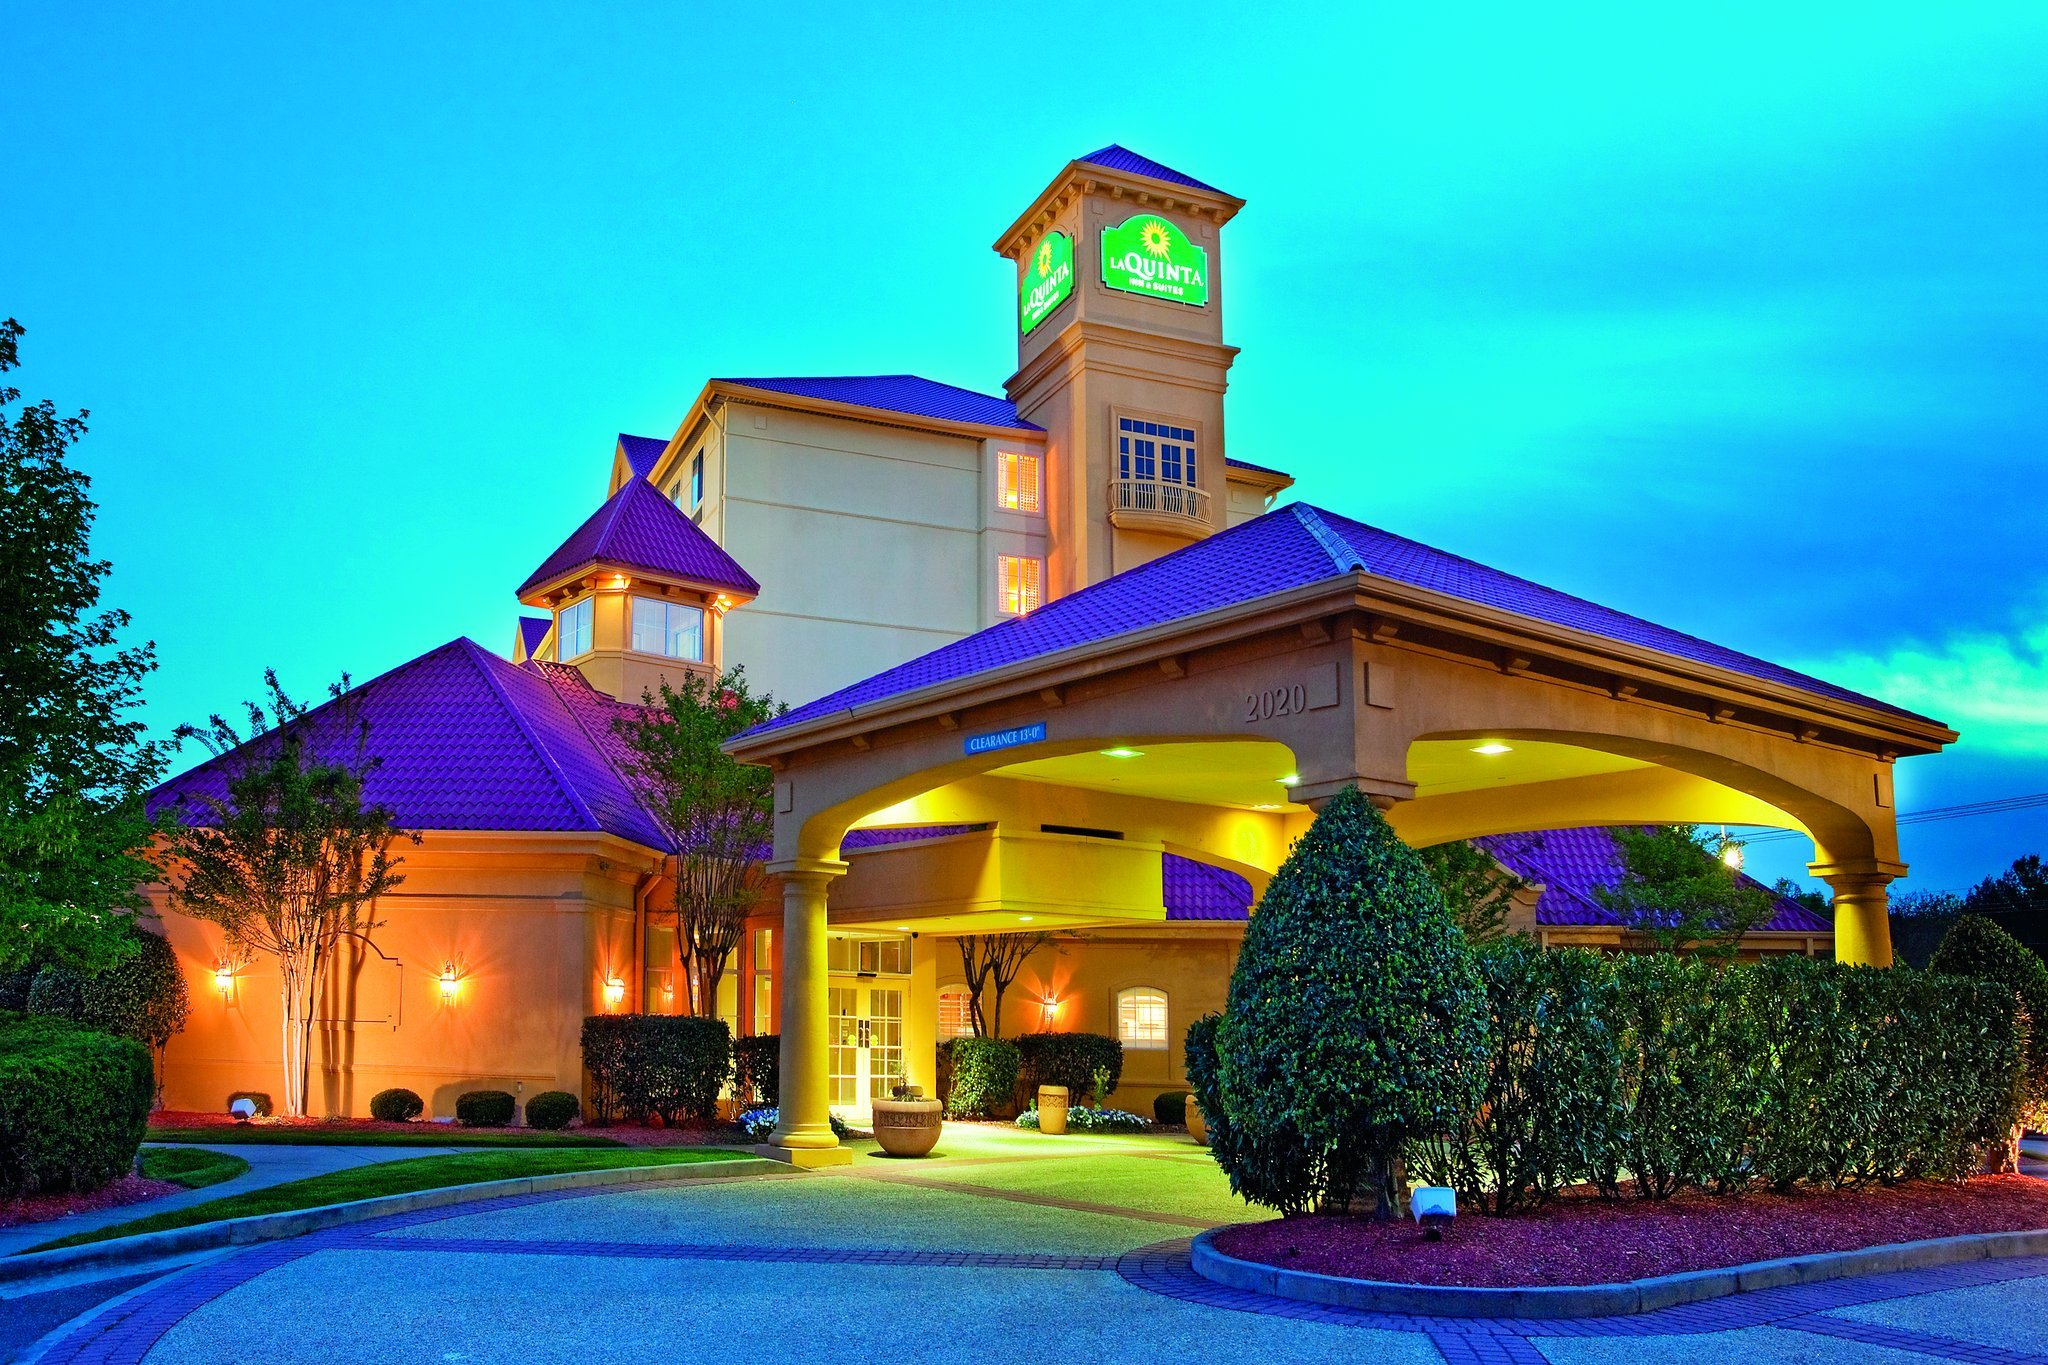 溫斯頓塞勒姆拉昆塔套房酒店